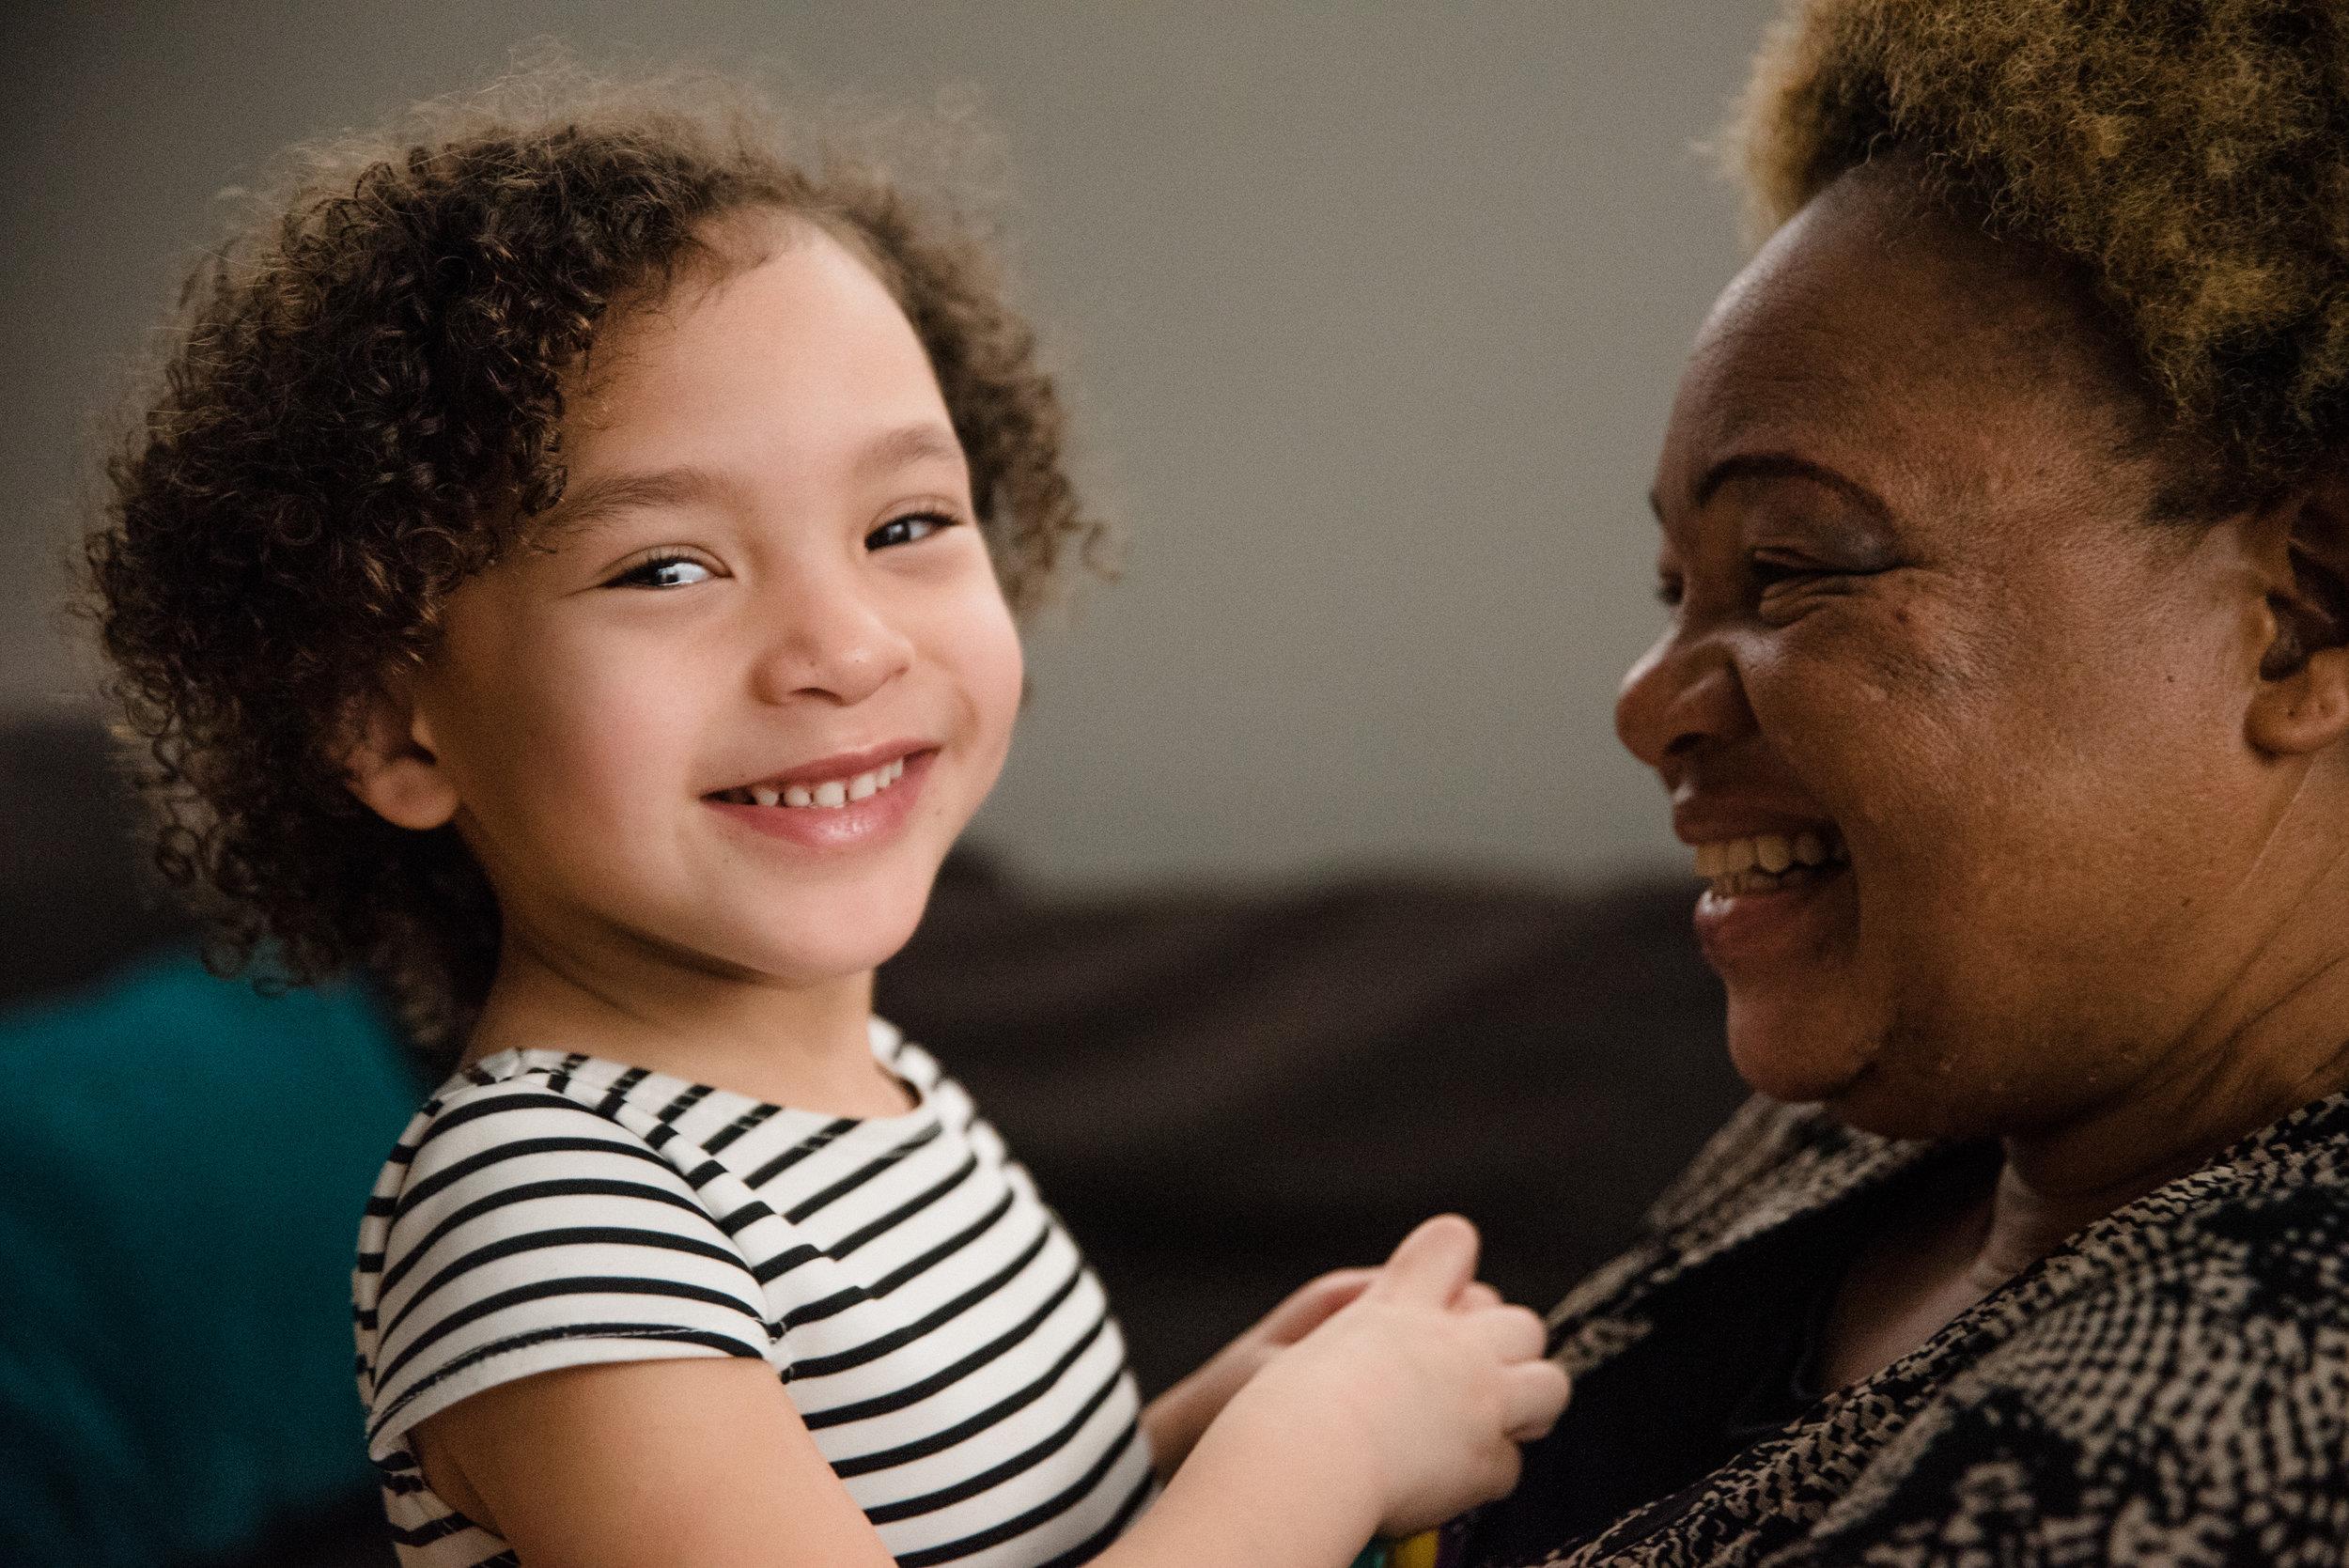 photo-d-une-petite-fille-et-sa-grand-maman-venue-dafrique-photographe-de-famille-a-montreal-marianne-charland-345.jpg